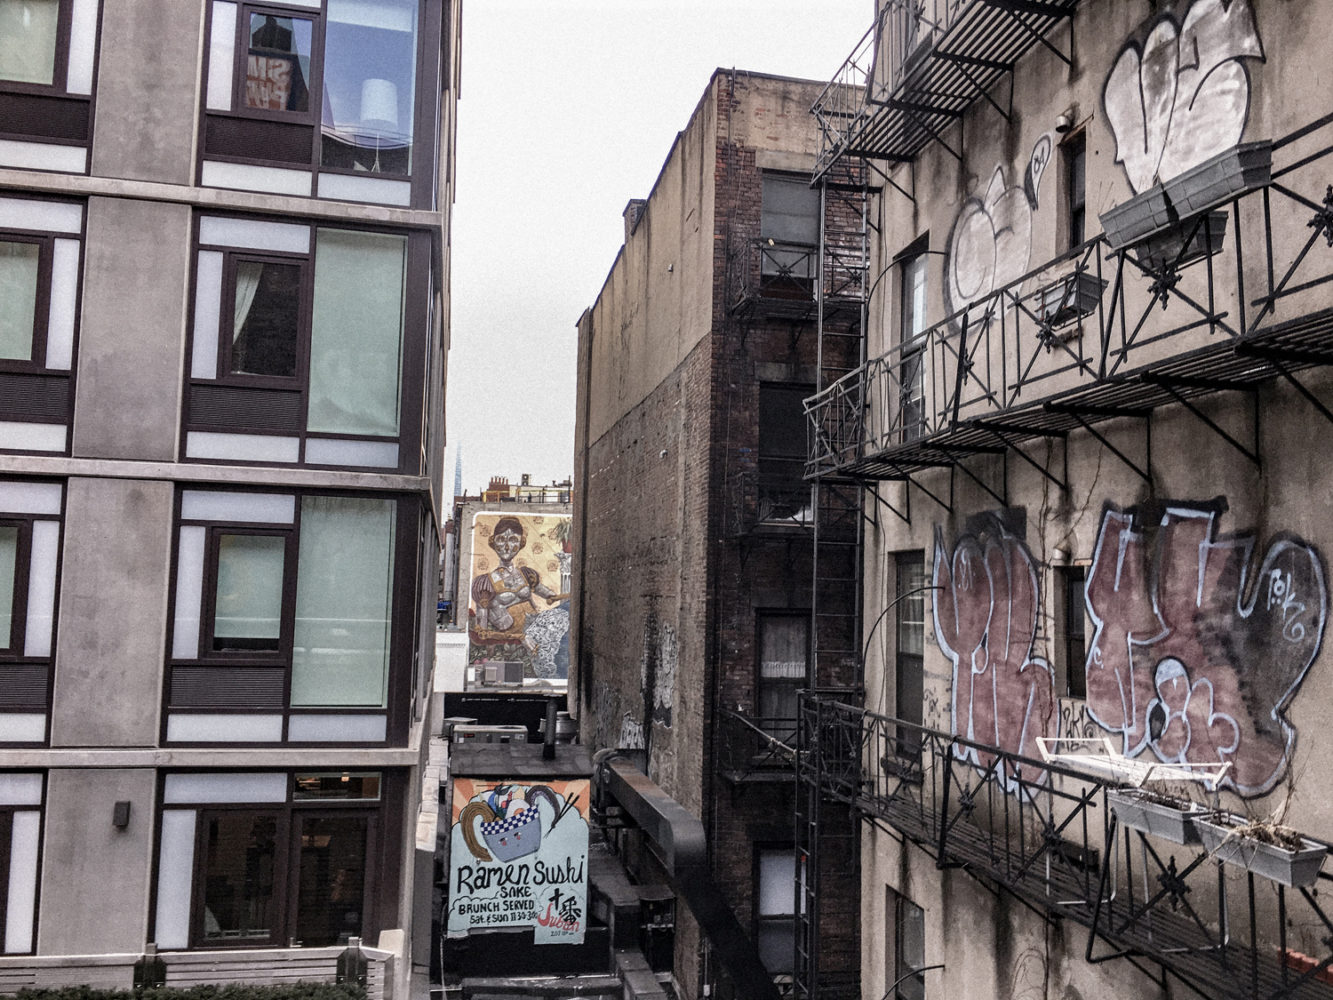 Les façades d'immeubles qui entourent la High Line